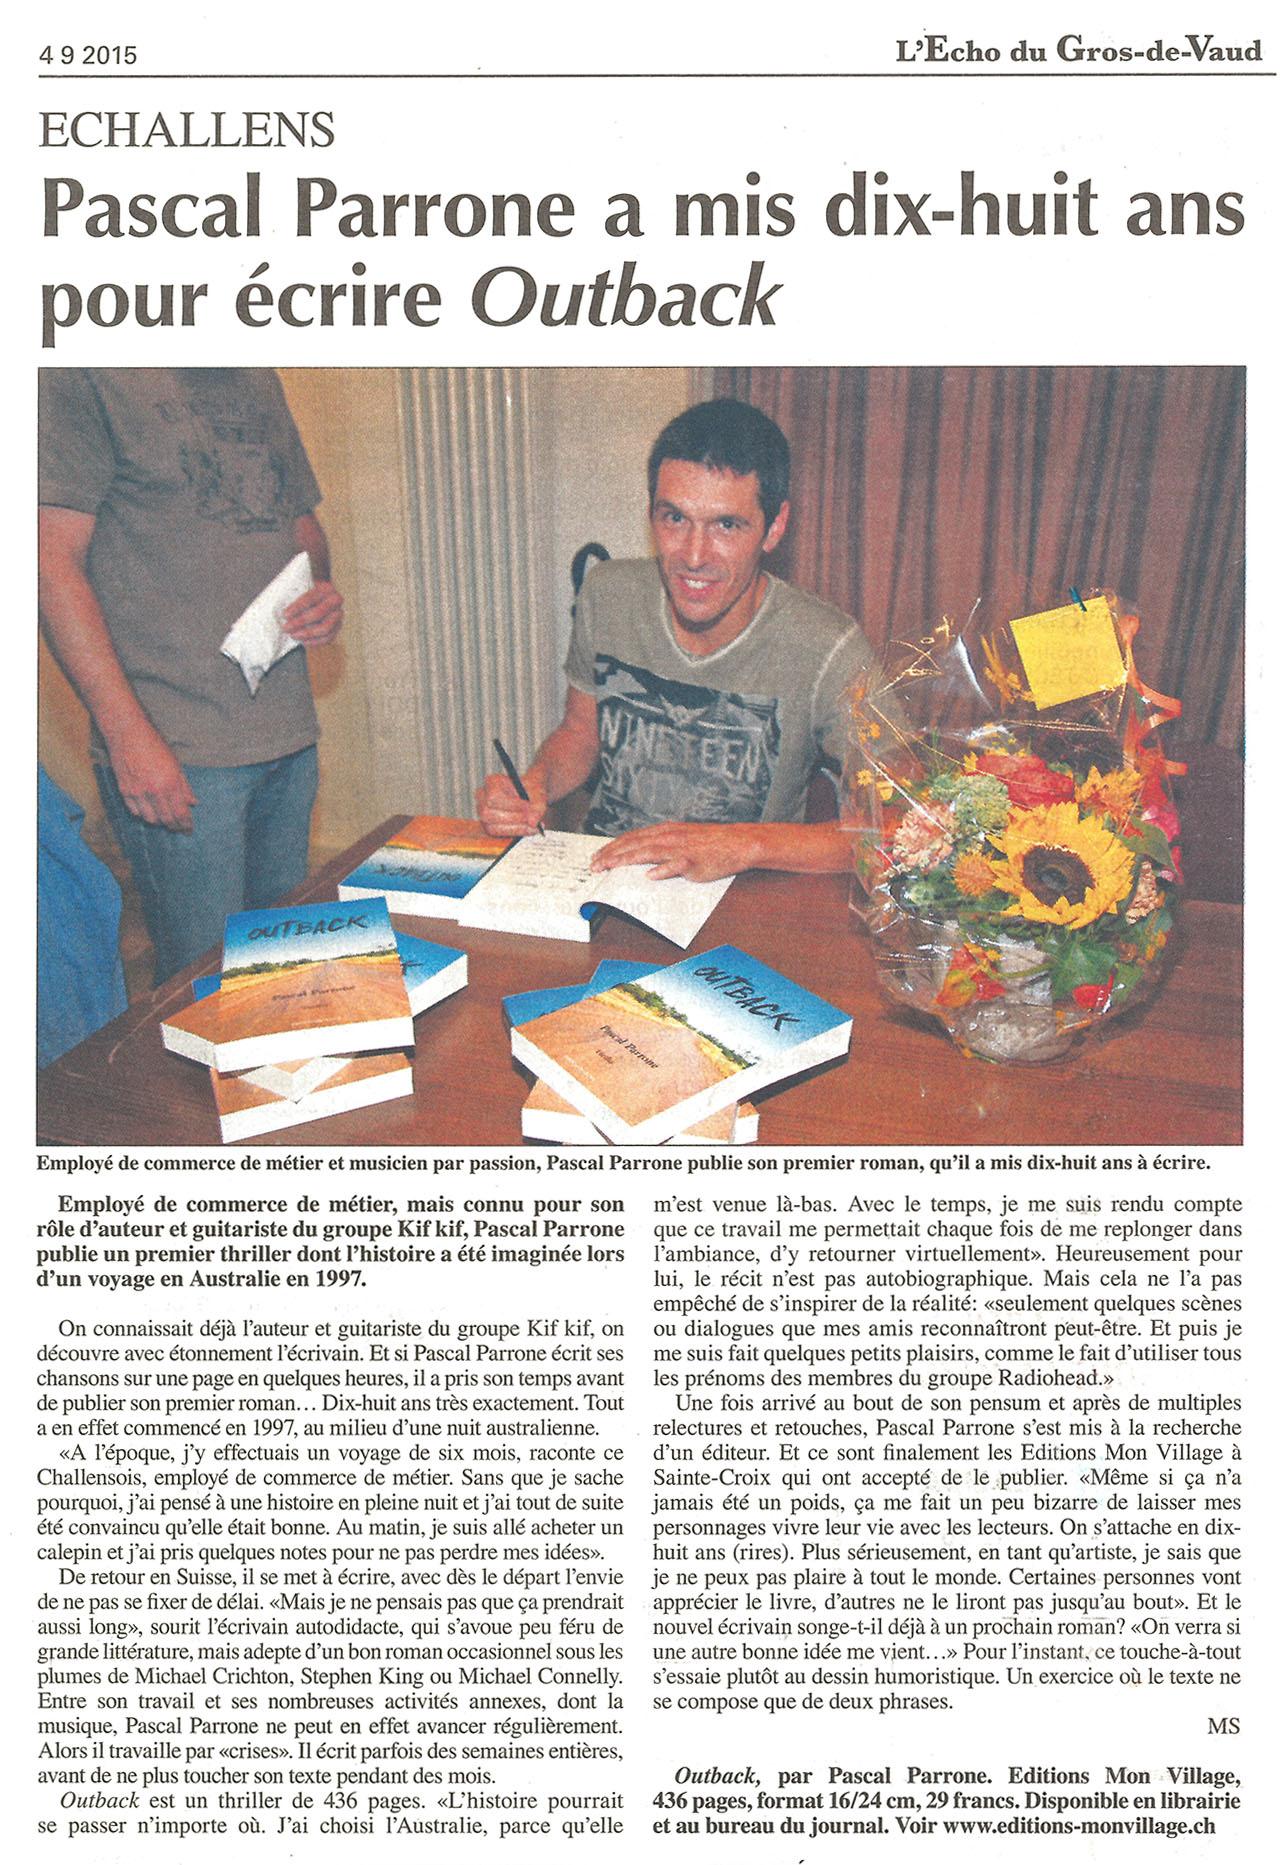 L'Echo du Gros-de-Vaud - 18 ans pour écrire Outback - 04.09.2015